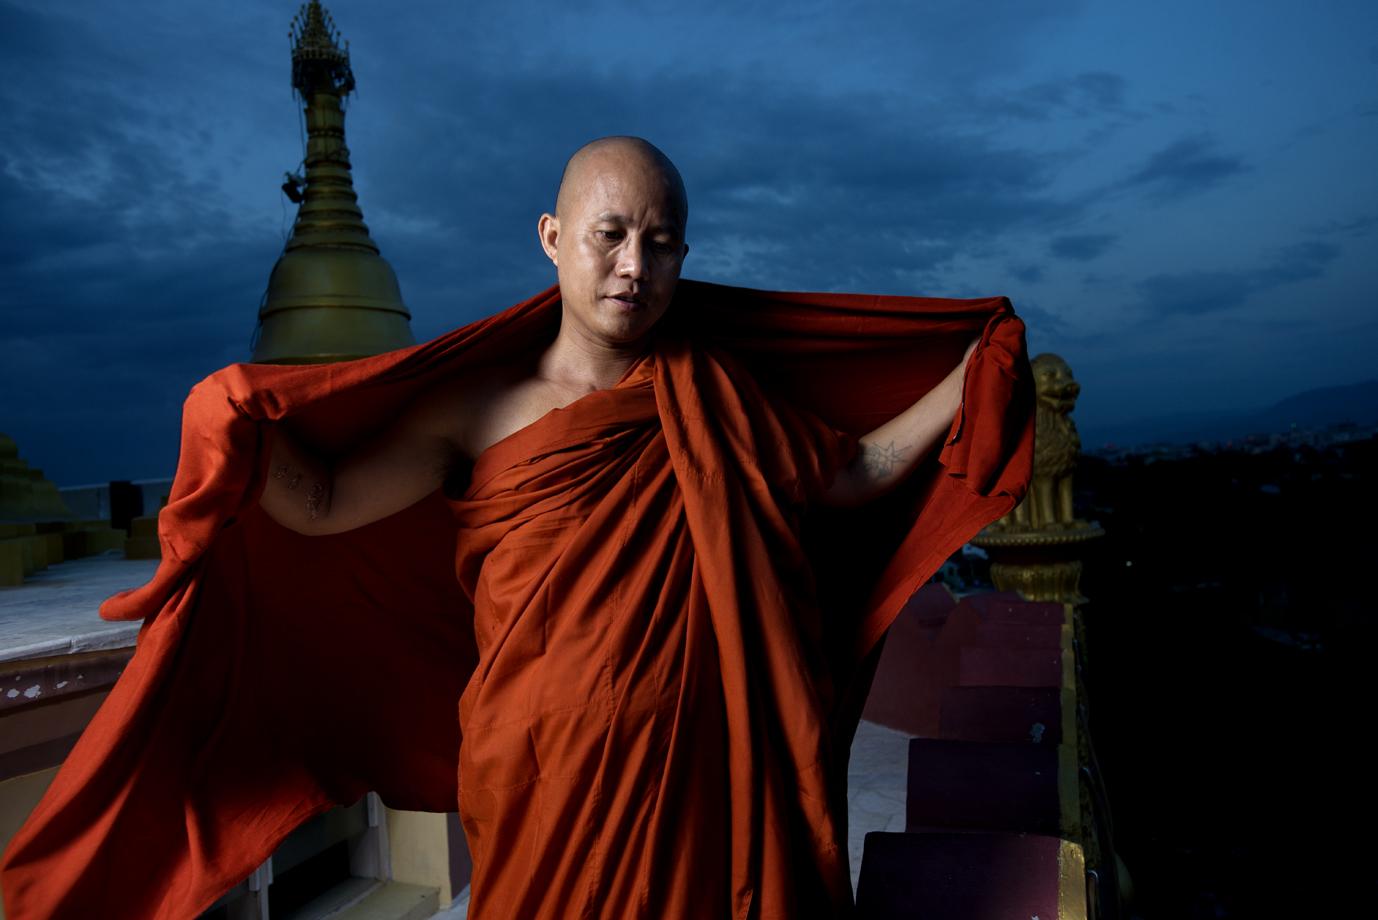 Extremist Buddhist monk, Ashin Wirathu, Mandalay / Burma